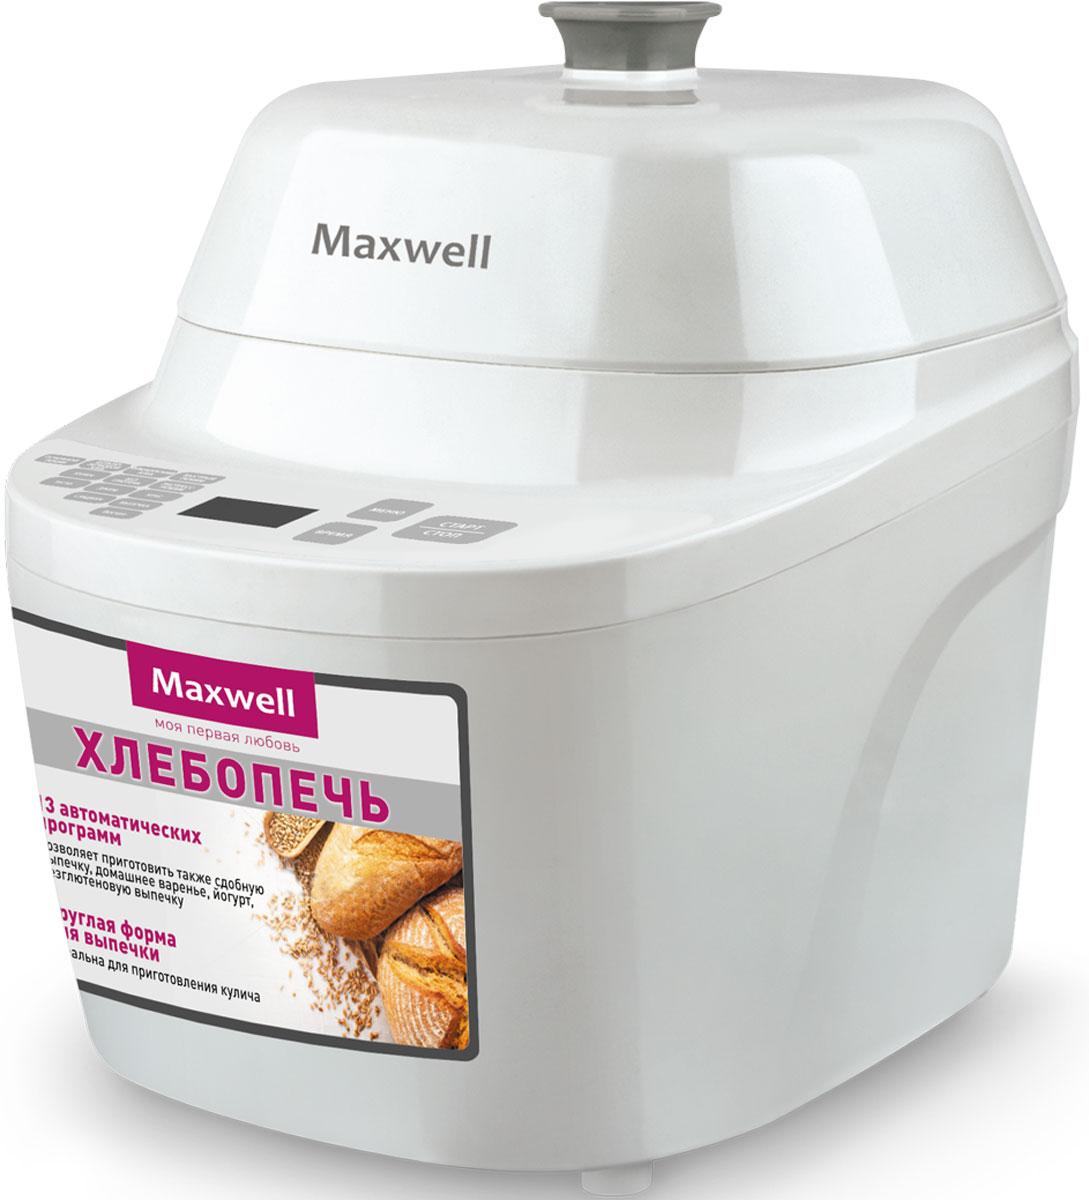 Maxwell MW-3755(W) хлебопечьMW-3755(W)Главной особенностью хлебопечи Maxwell MW-3755(W) является круглая форма для выпечки. Таким образом, данная модель отлично подойдет для приготовления куличей, караваев, кексов и, конечно же, традиционного хлеба. Максимальный вес выпечки составляет 500 г. В хлебопечь заложено 13 автоматических программ, среди которых не только выпечка, но и специальные программы для варки варенья и приготовления йогурта. Также следует отметить возможность делать безглютеновую выпечку. Хлебопечь имеет электронное управление, все нюансы работы отображаются на цифровом дисплее. Можно воспользоваться таймером отсрочки (до 13 часов). Если заправить хлебопечь вечером, к завтраку можно получить свежую, горячую выпечку. В комплекте с Maxwell MW-3755(W)поставляется мерный стакан и ложка.